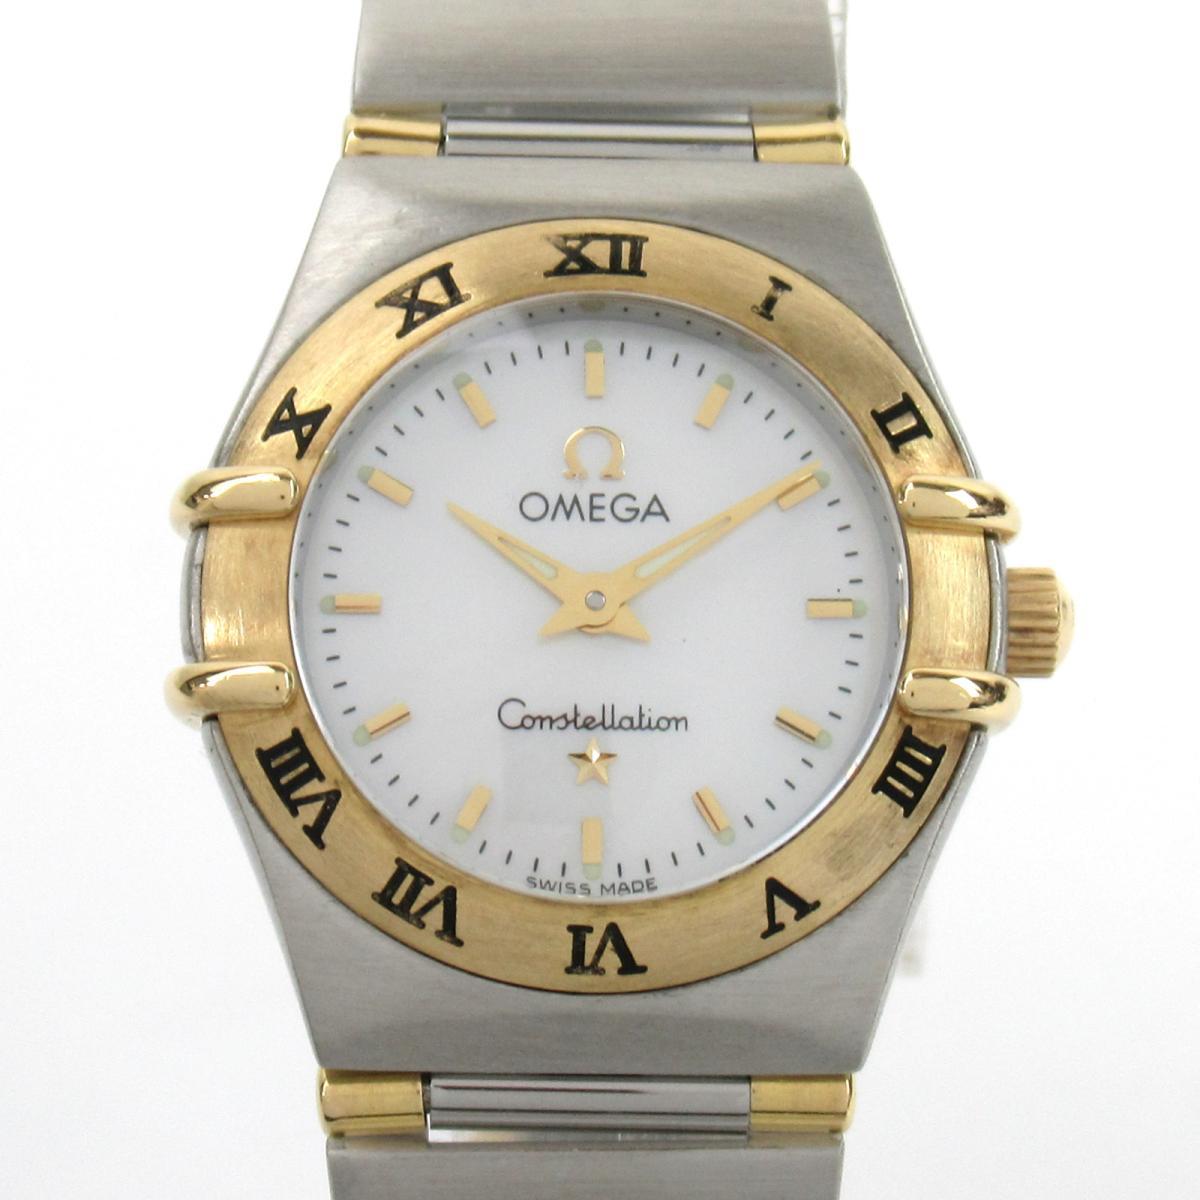 ≪期間限定≫メルマガ登録でクーポンGET! 【中古】 オメガ コンステレーション 腕時計 ウォッチ レディース ステンレススチール (SS) (1262.70) | OMEGA BRANDOFF ブランドオフ ブランド ブランド時計 ブランド腕時計 時計